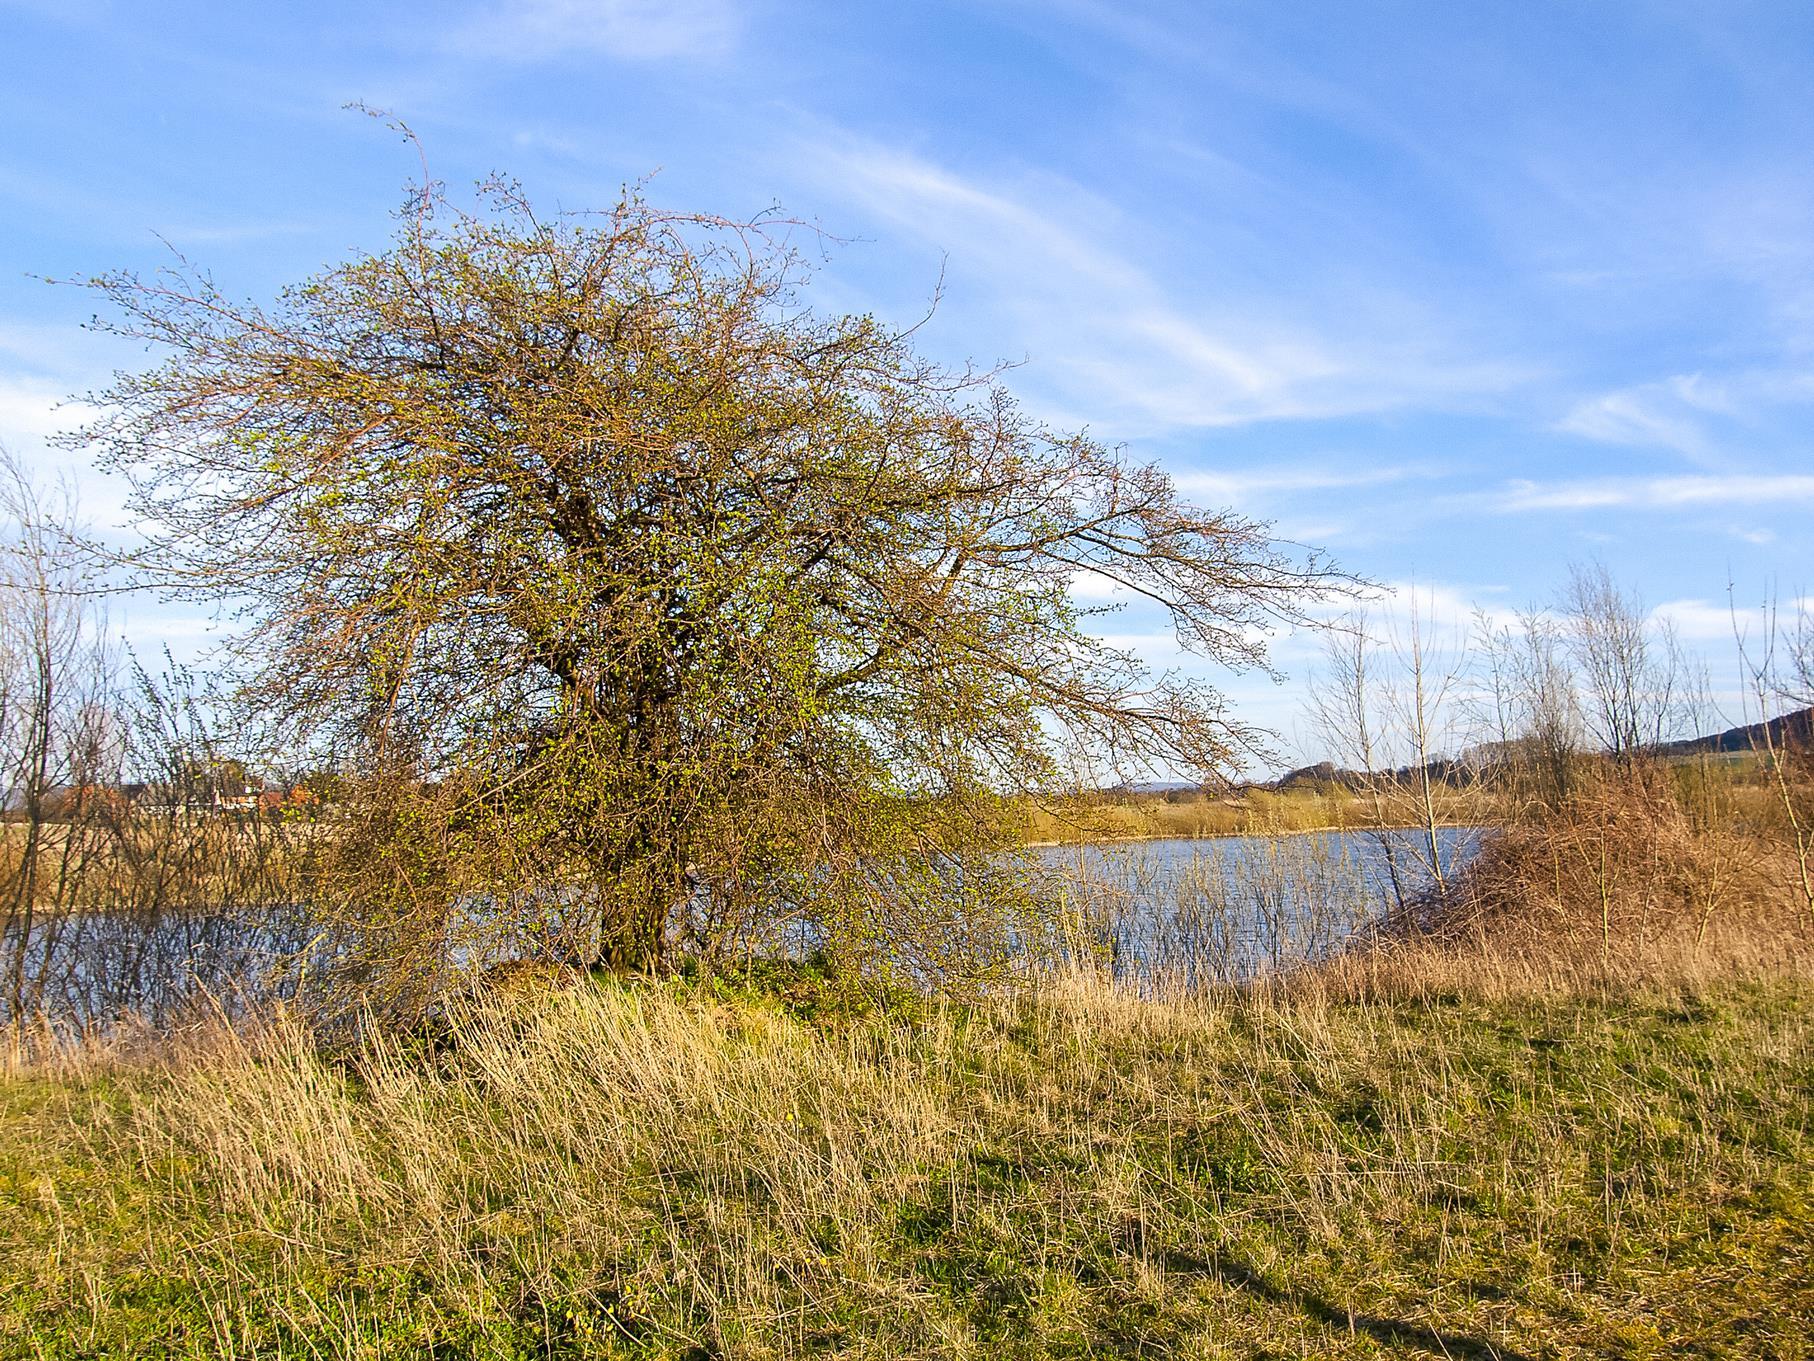 Ein Baum am Rundweg mit dem östlichen Teich im Hintergrund.